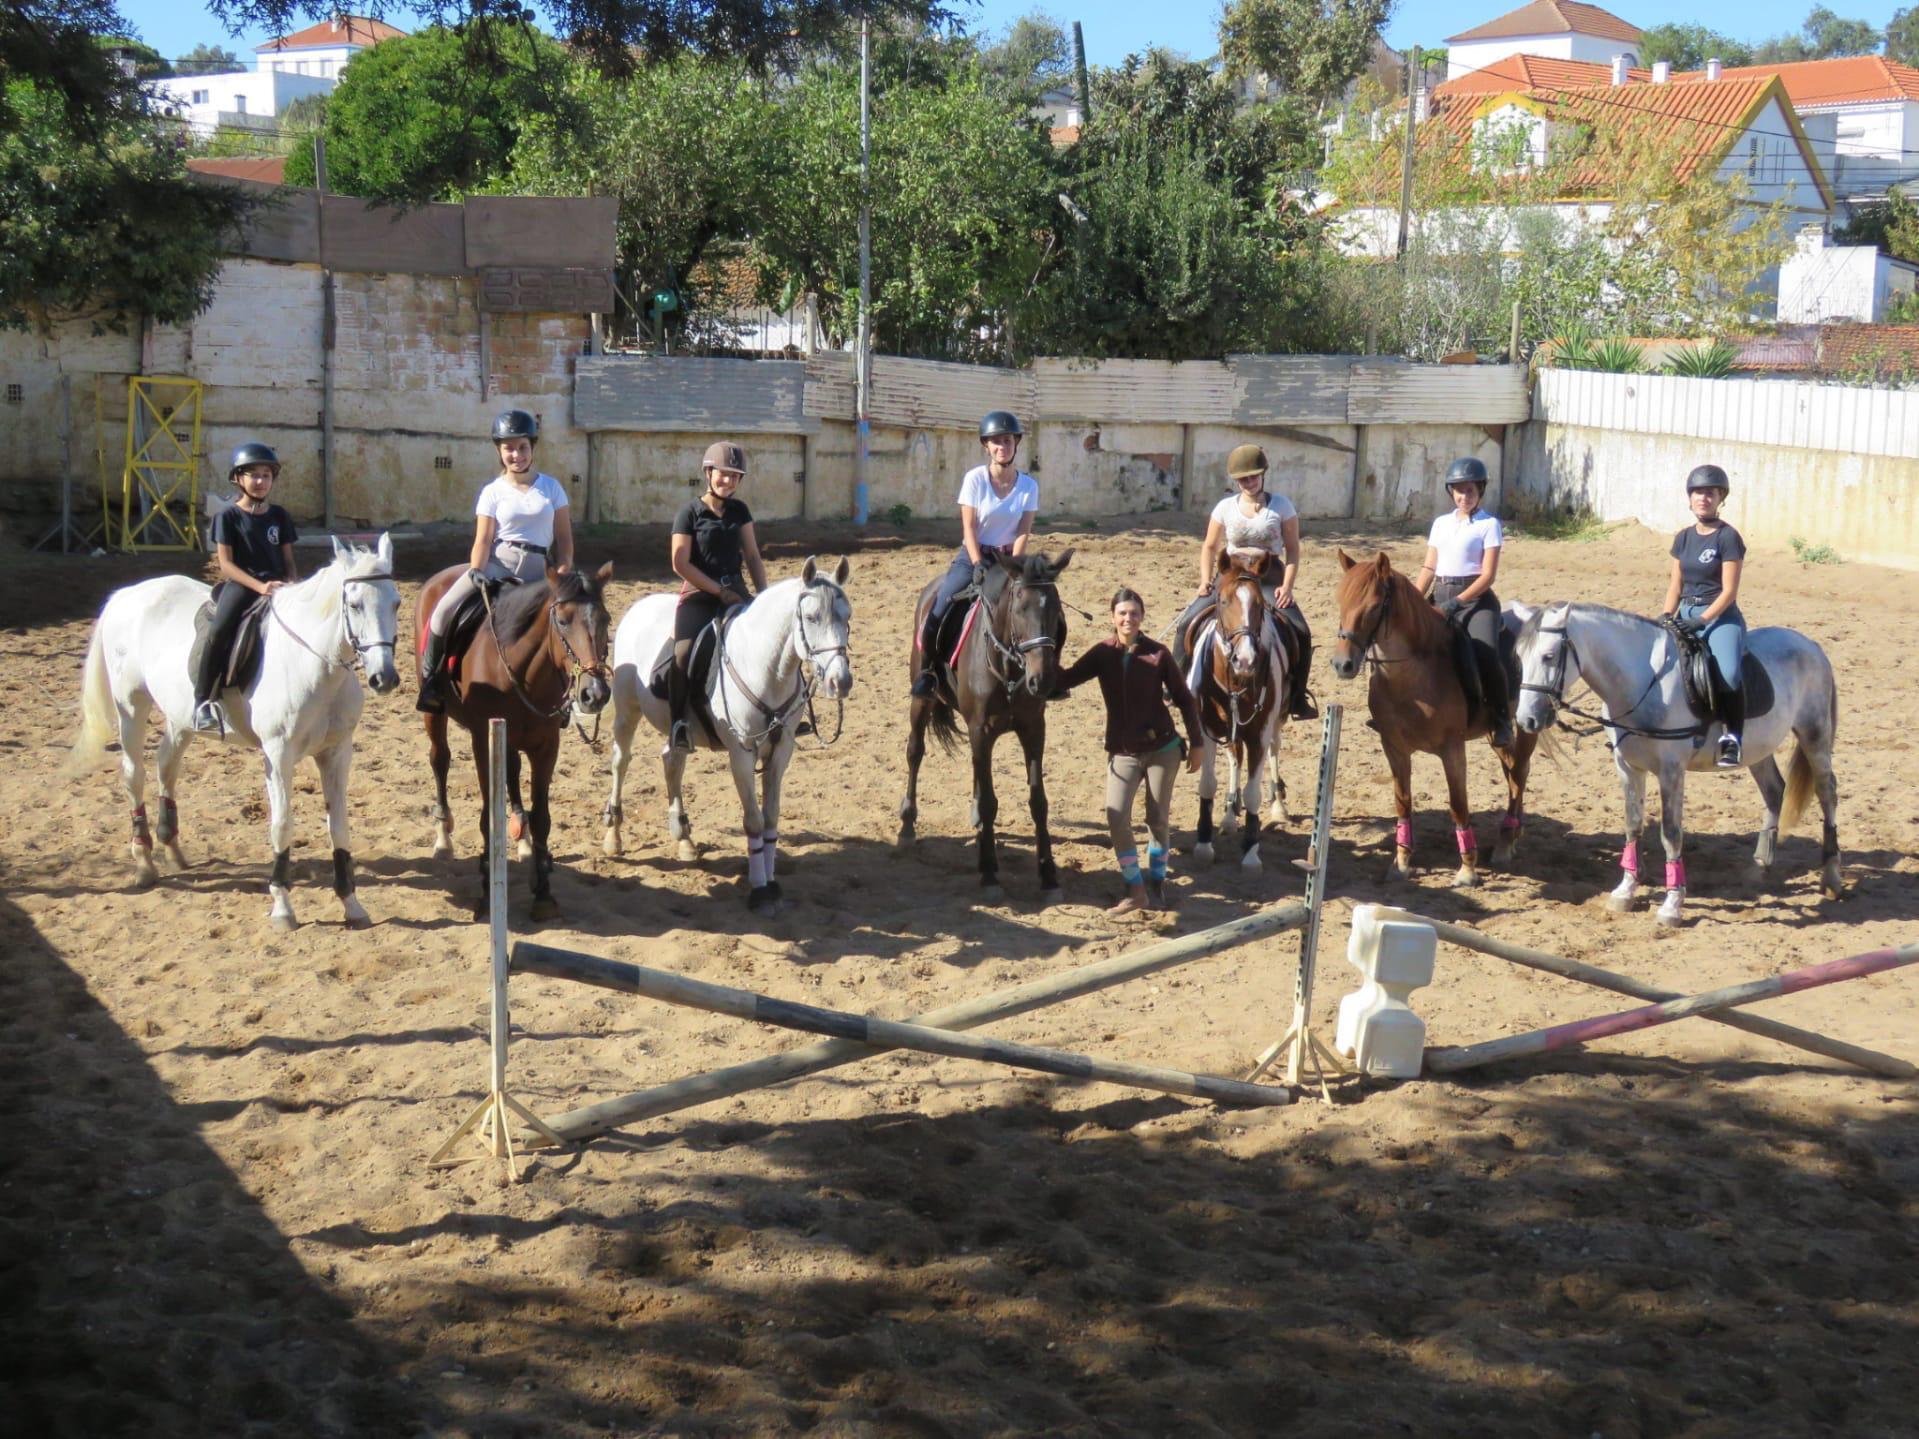 FOTO 05 - Clube Equestre Catarina e Ruben - Fabiana Amorim 1